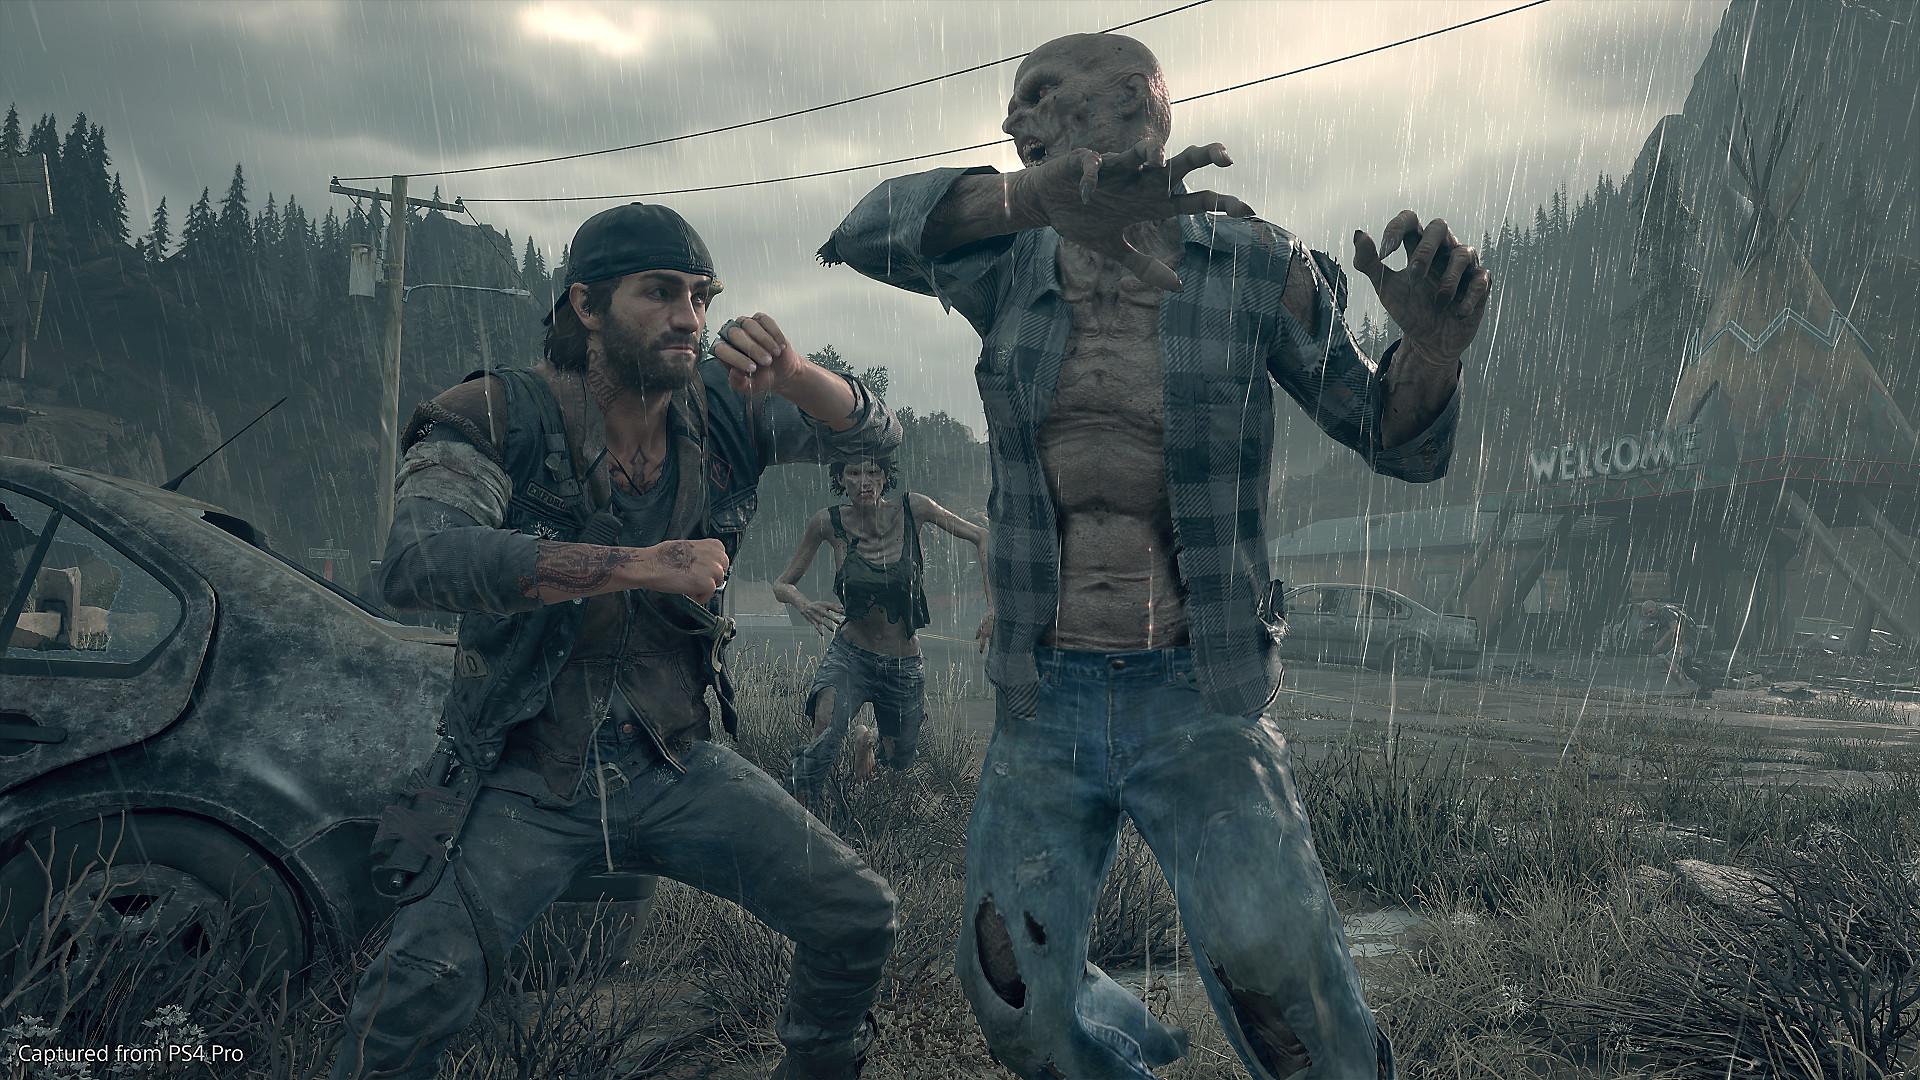 Le joueur peut choisir d'attaquer les infectés de front, mais utiliser une tactique furtive est habituellement plus efficace